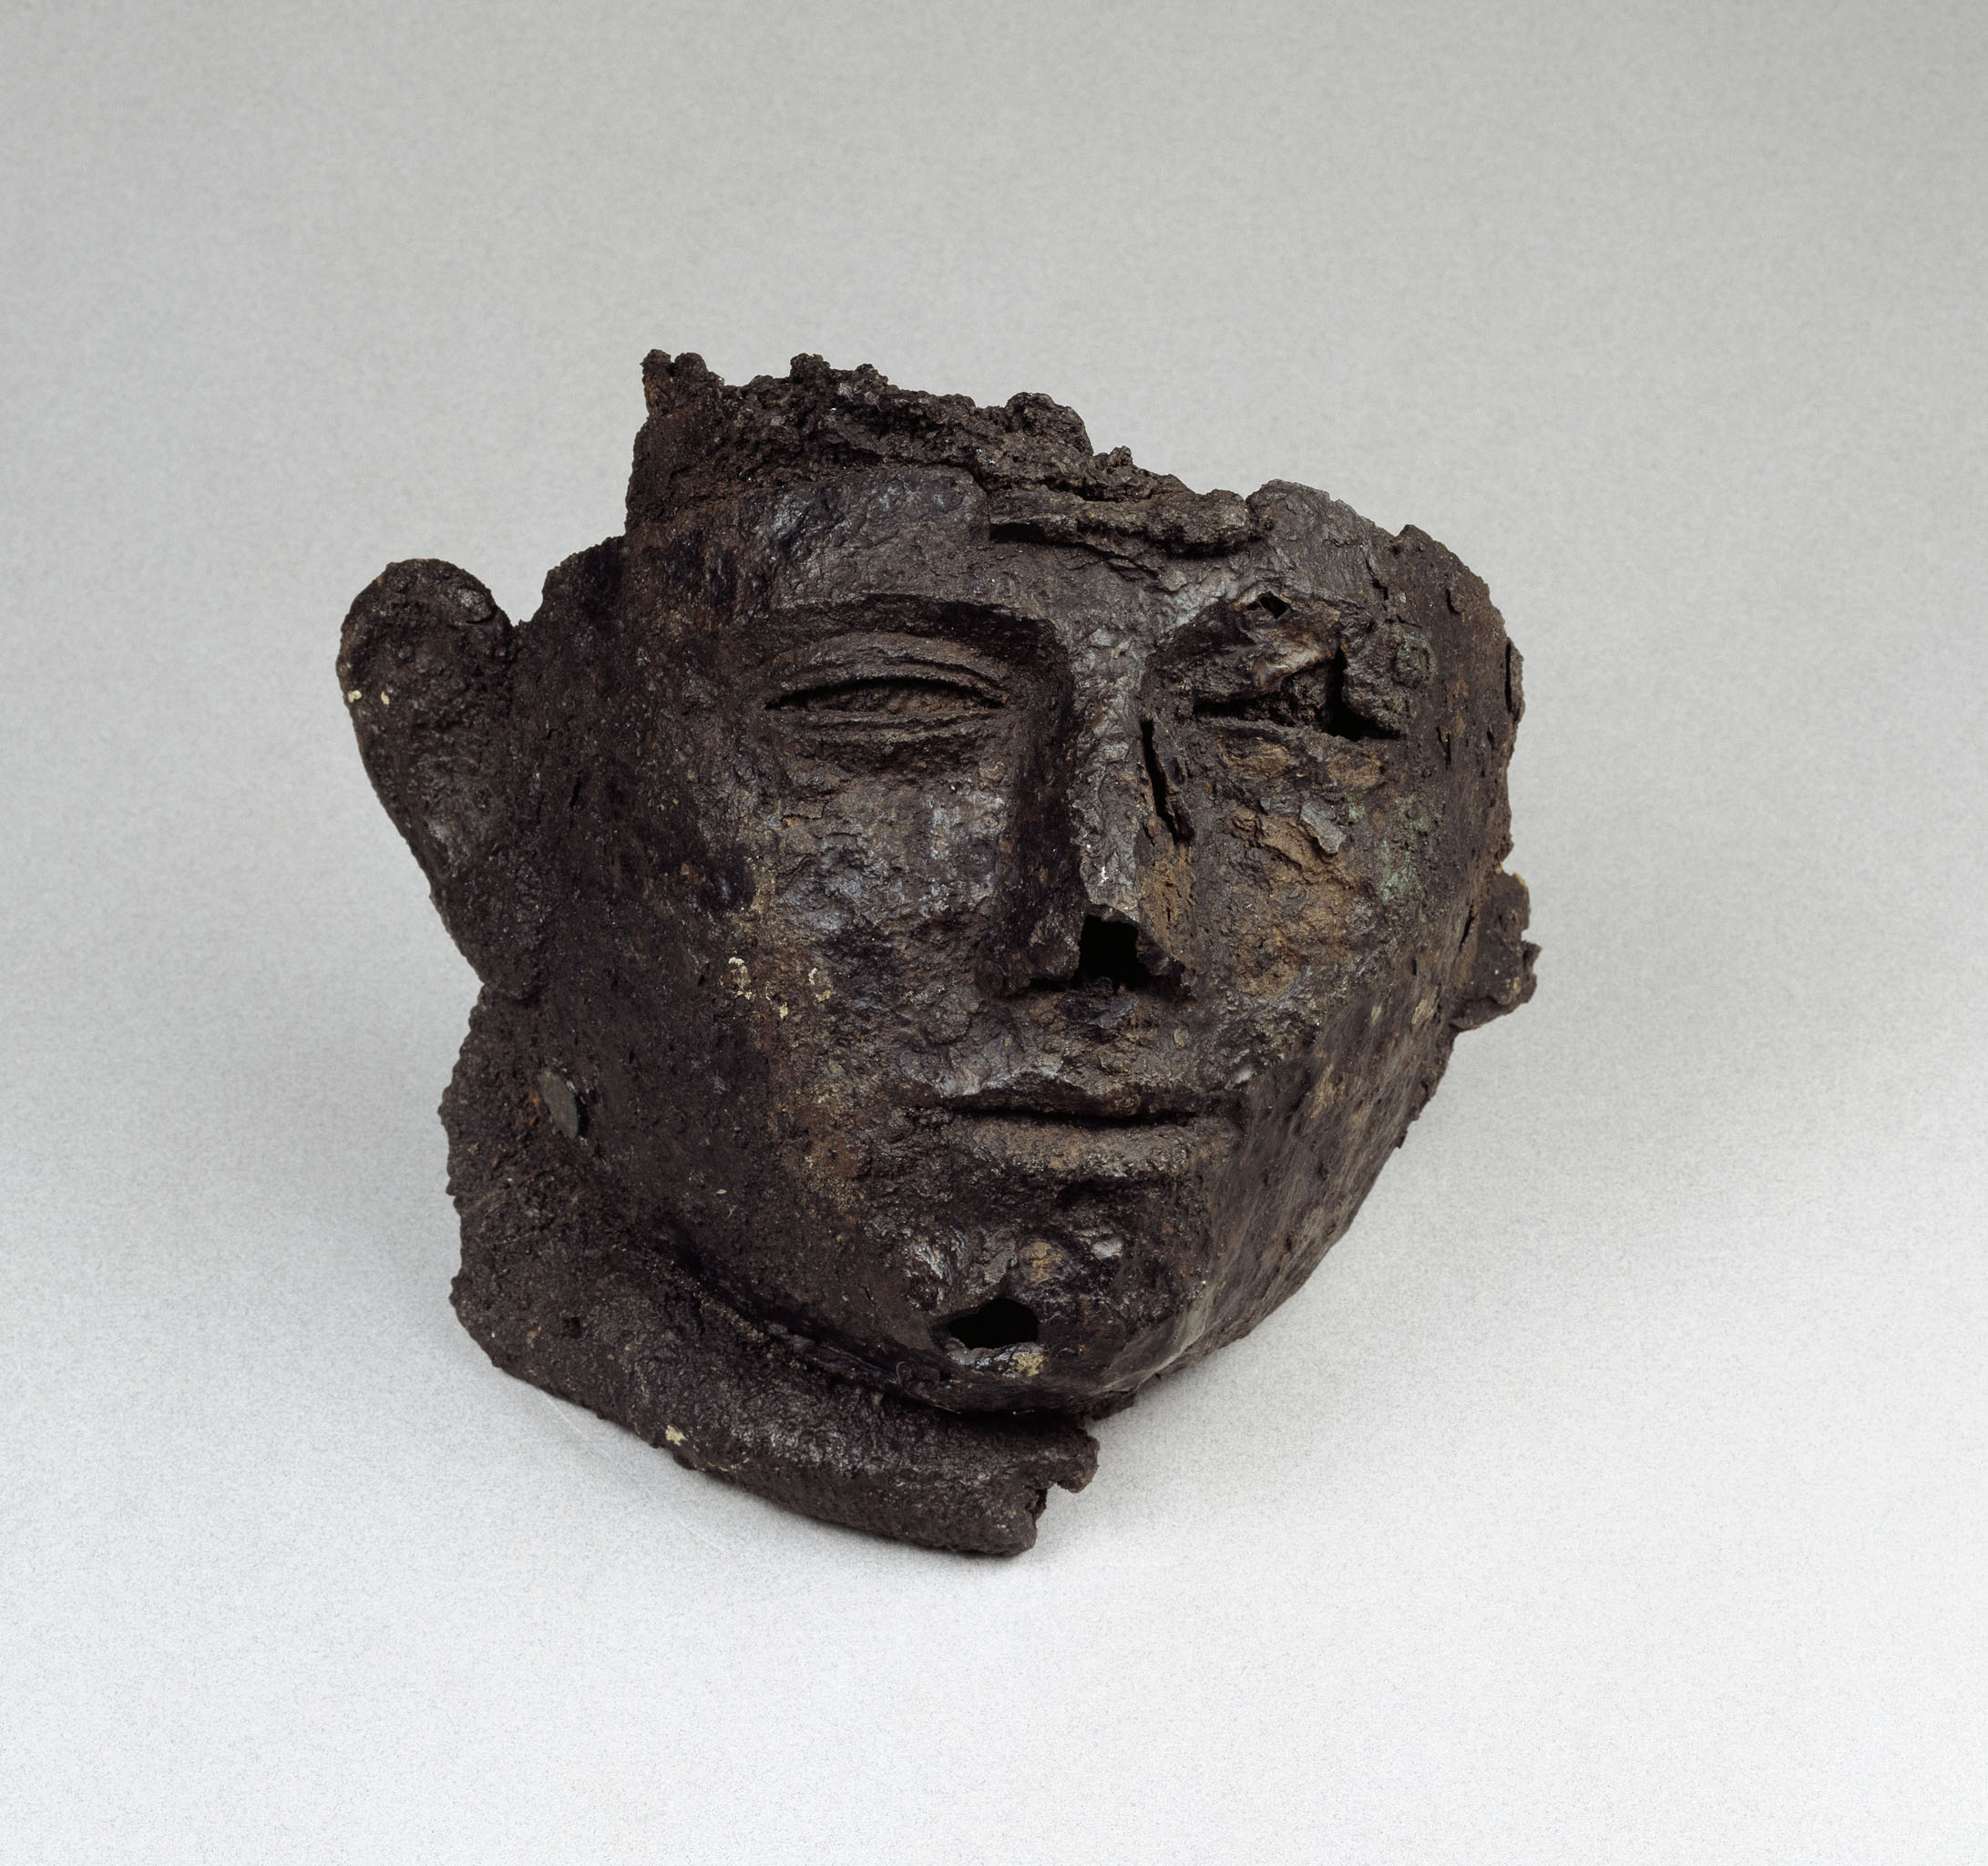 visière de casque de parade - 1er siècle - Fer, alliage cuivreux - Chassenard